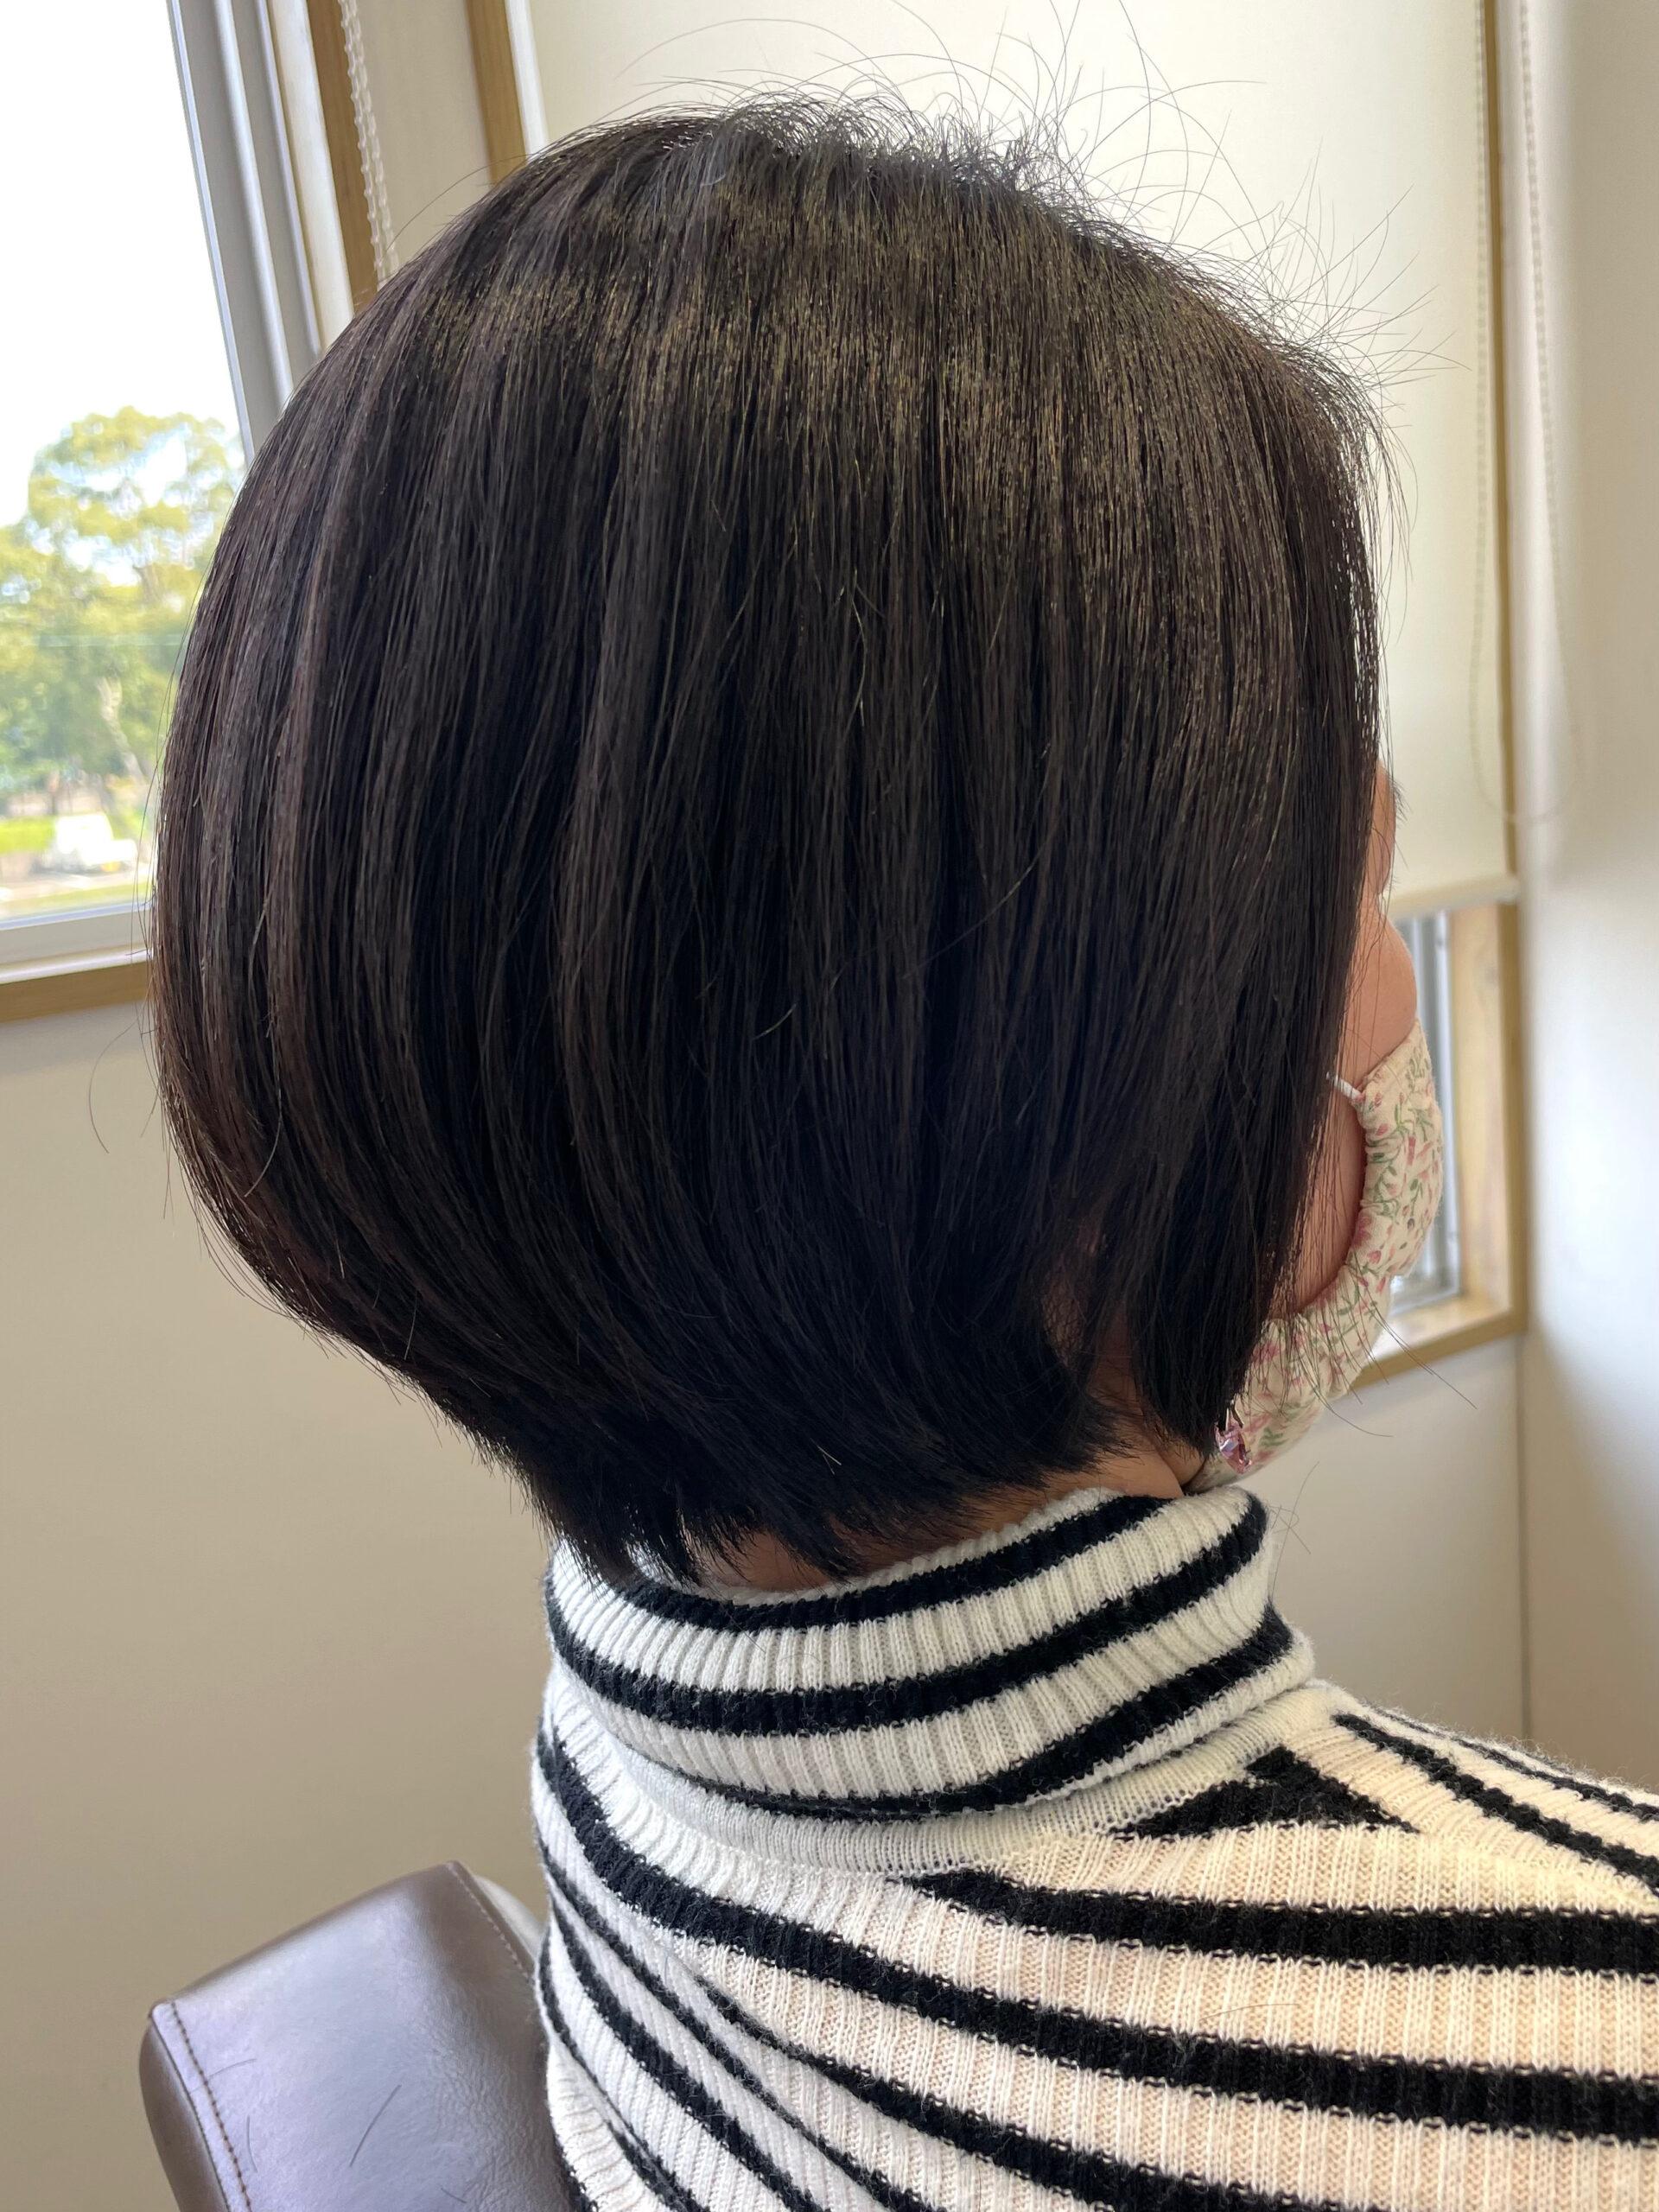 大分県別府市 癖でボリュームが出る髪の毛を弱酸性の縮毛矯正(ストレート)でボリュームダウン アフター